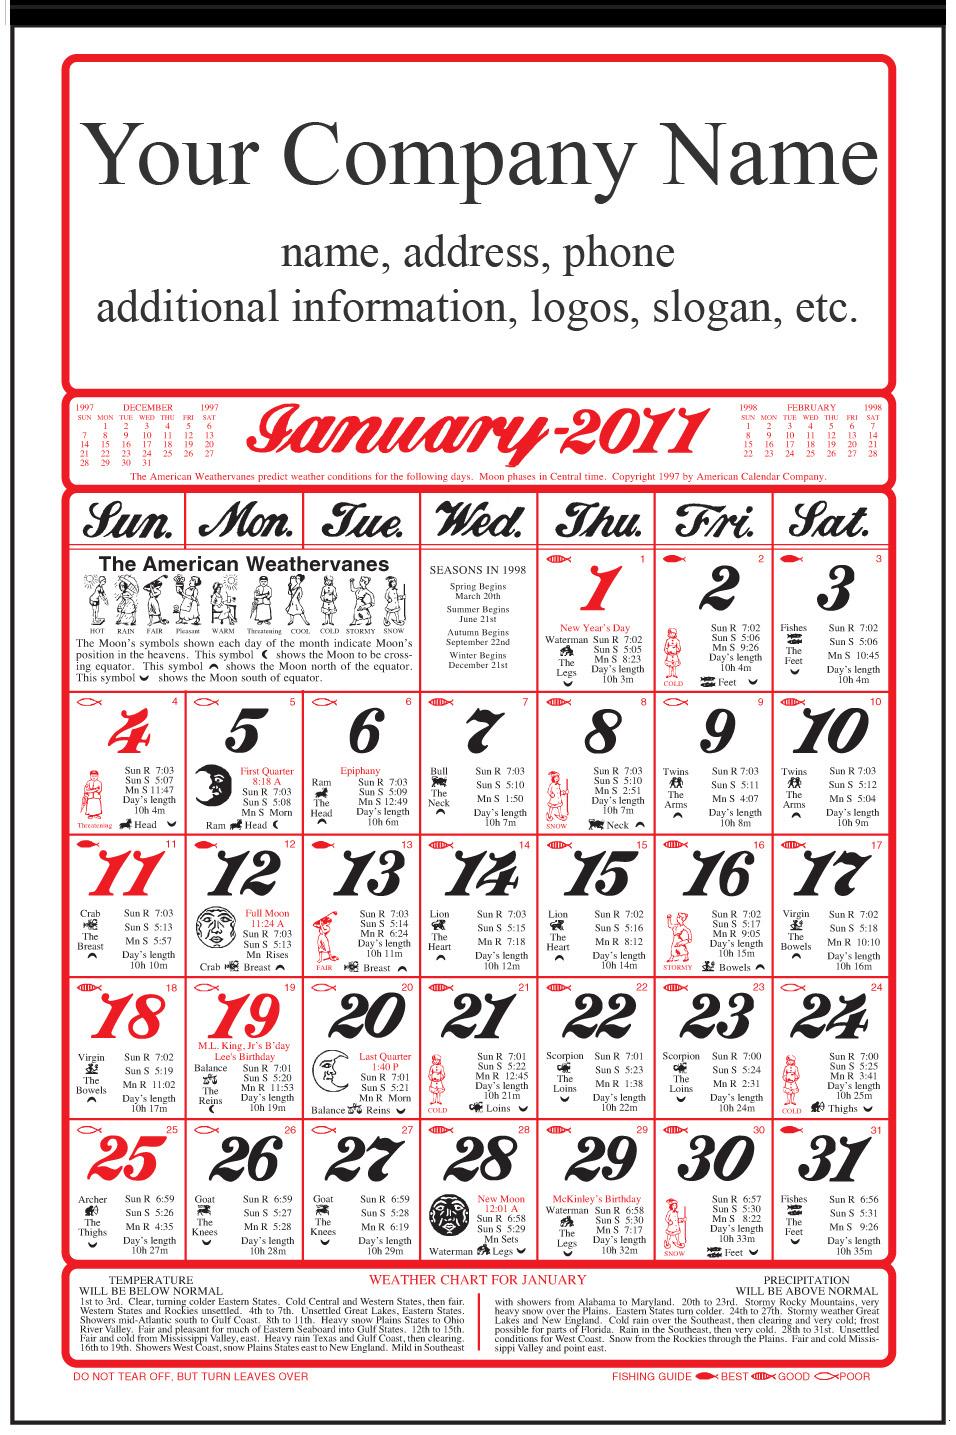 2019 Almanac Calendar 2020 American Original Almanac Calendar: Calendar Company